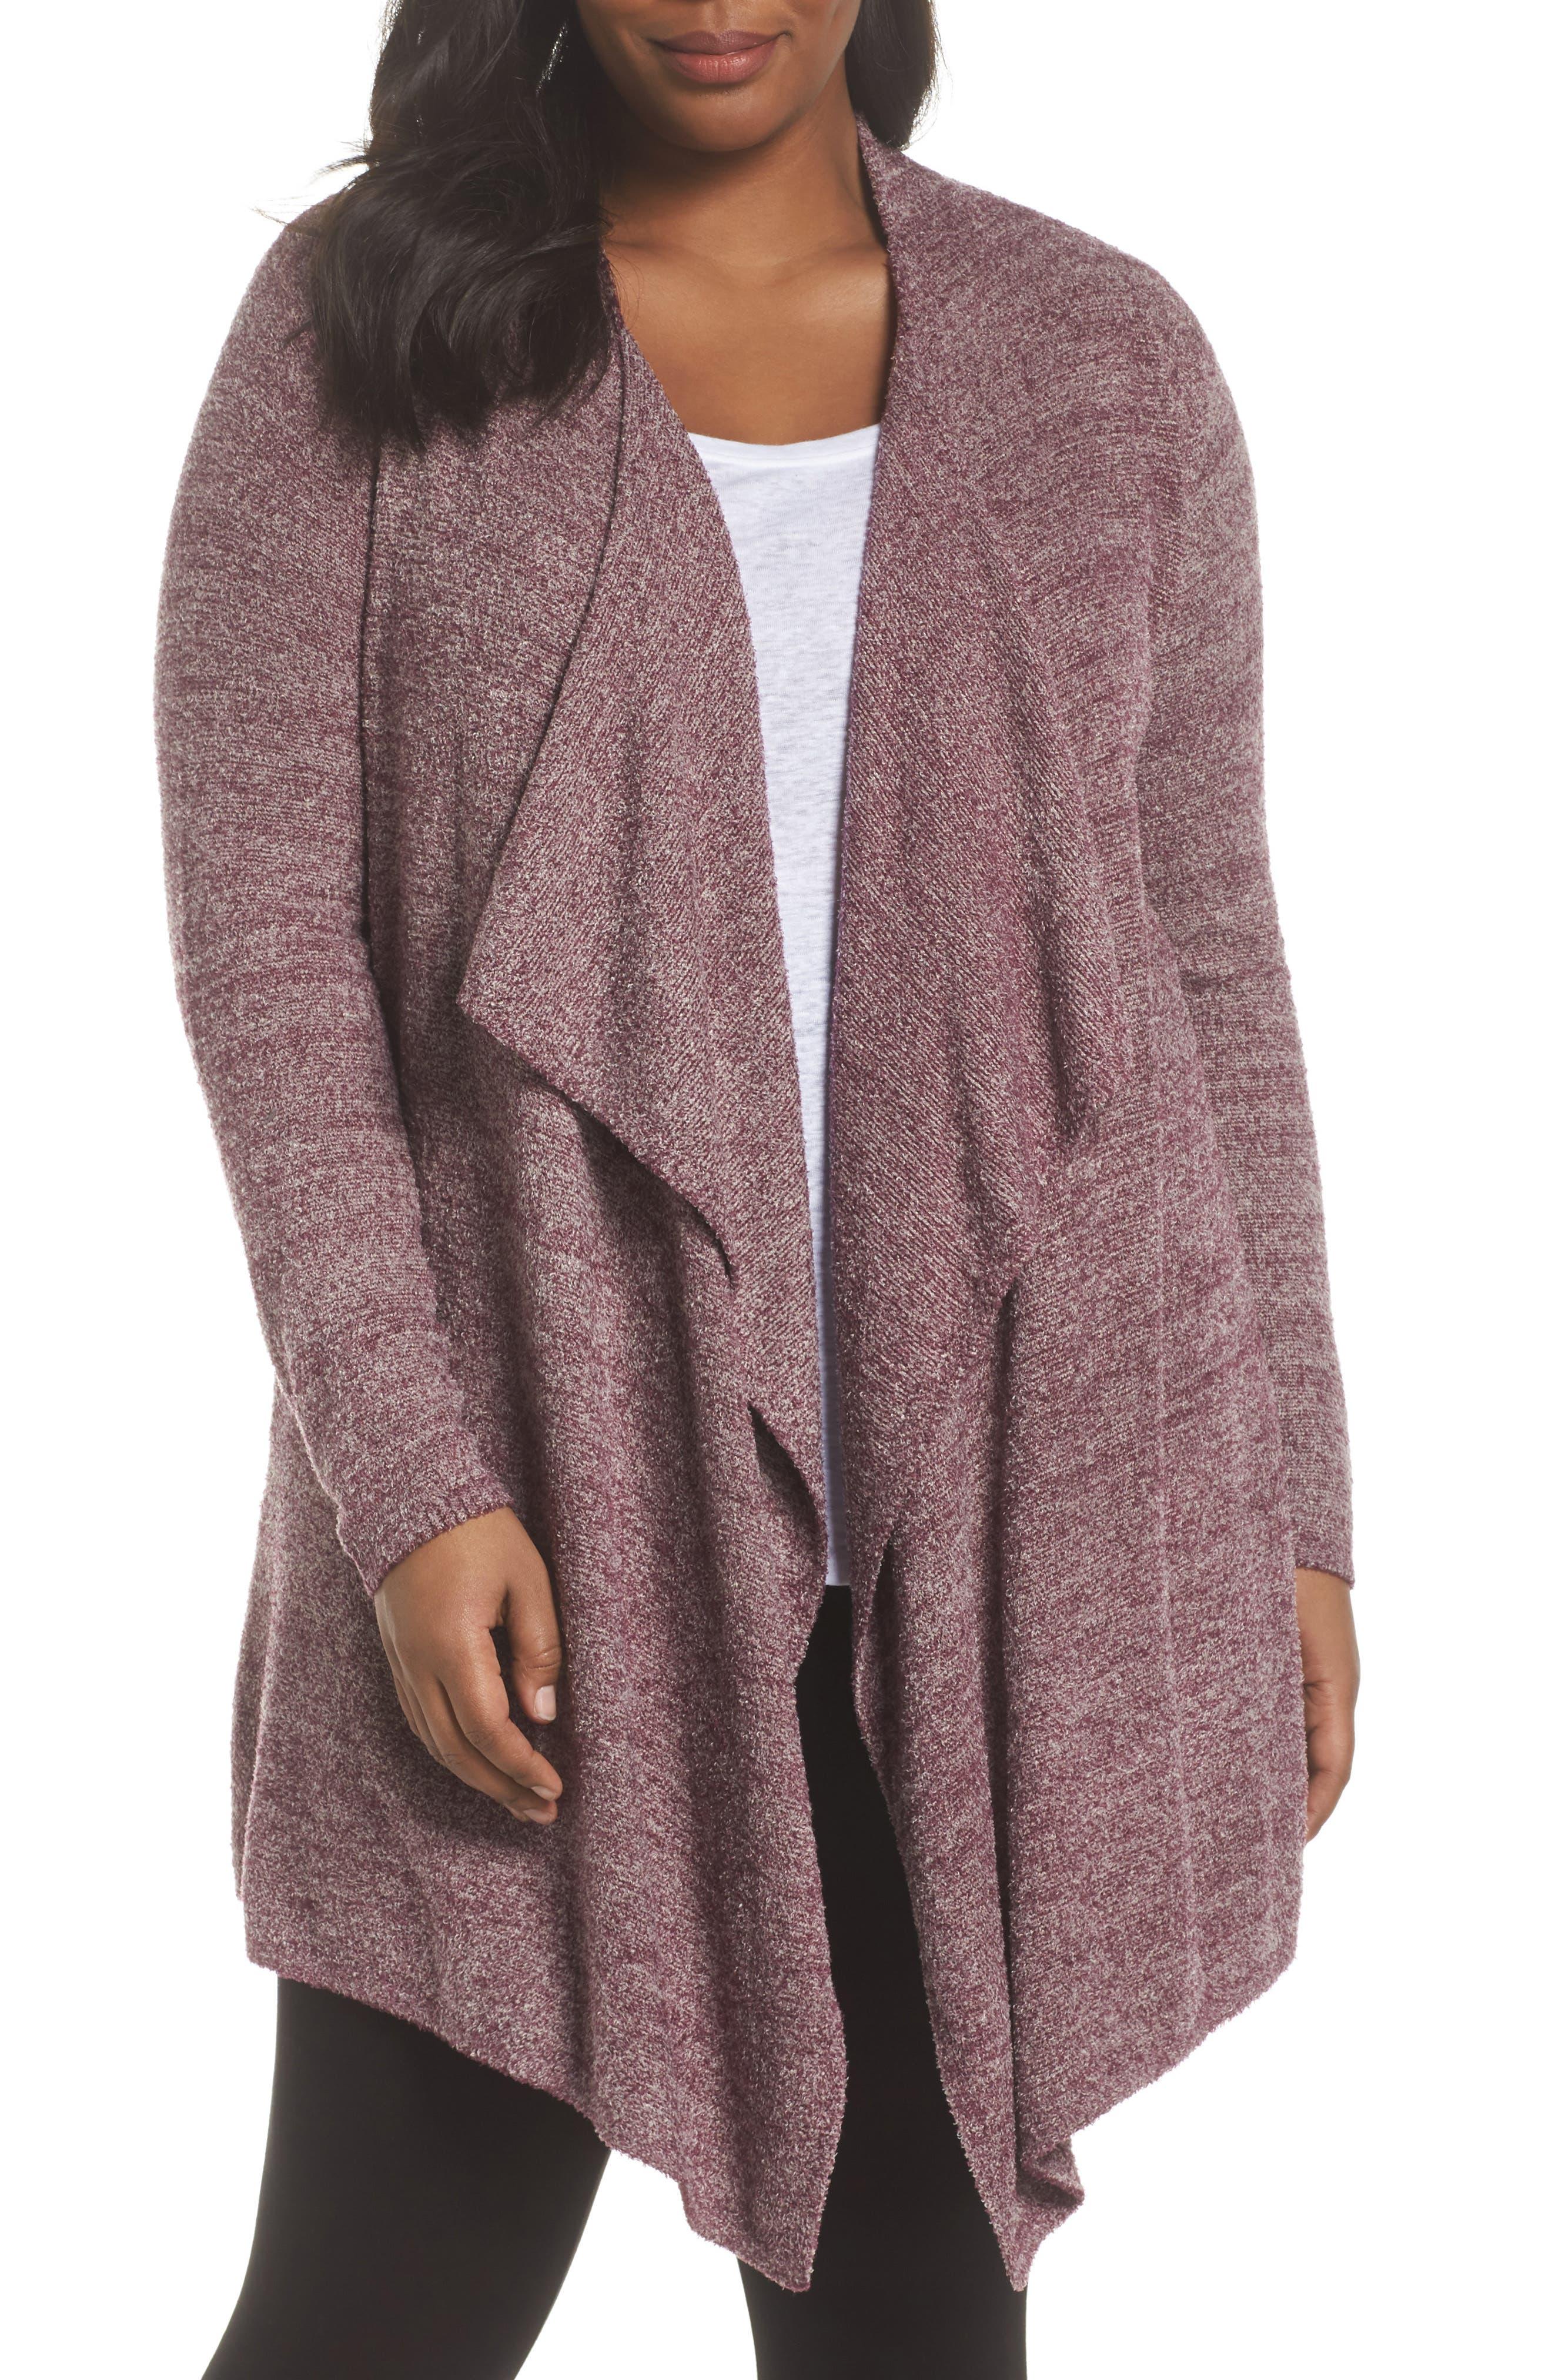 CozyChic Lite<sup>®</sup> Calypso Wrap Cardigan,                         Main,                         color, Burgundy/ Stone